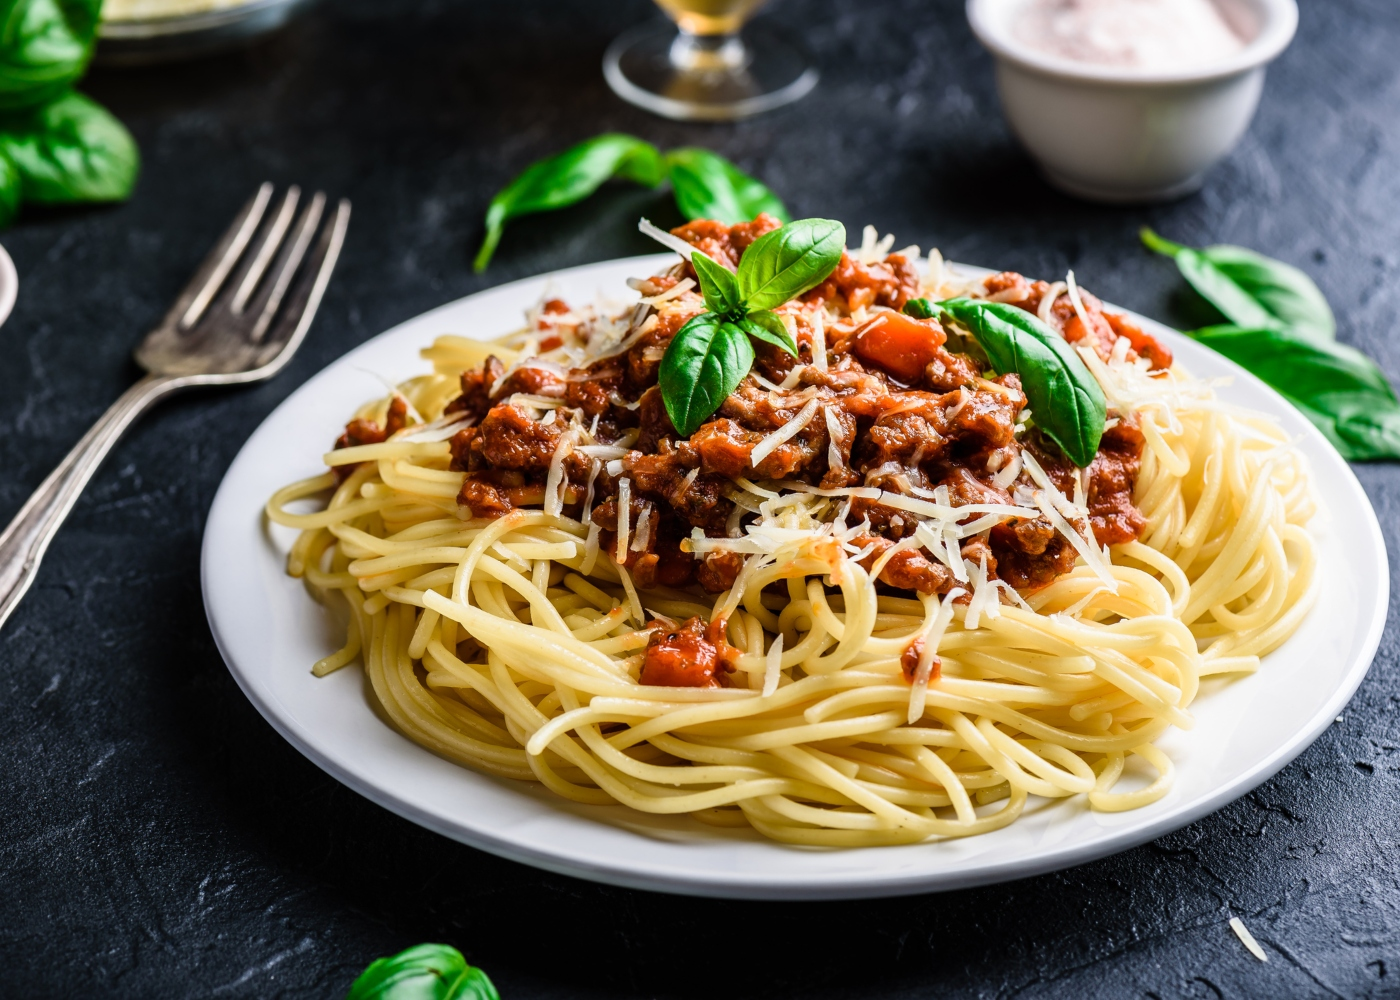 prato com esparguete com carne picada